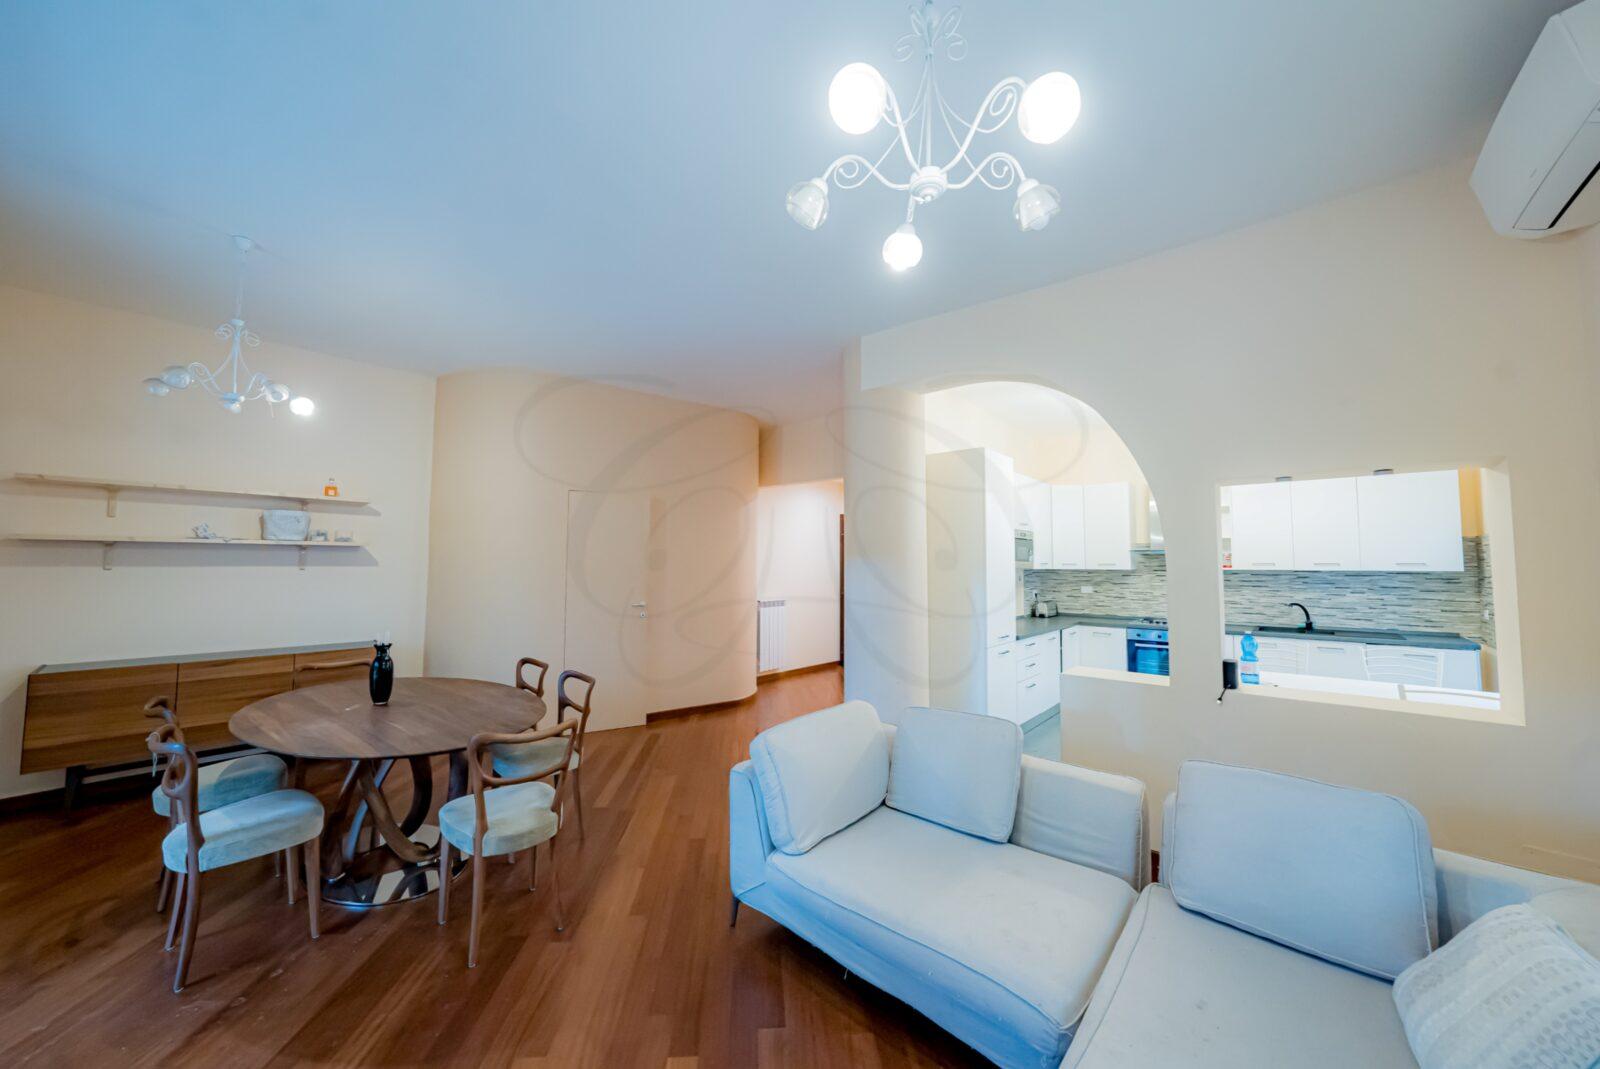 Affitto Roma Aventino: Appartamento Ristrutturato con Balconata